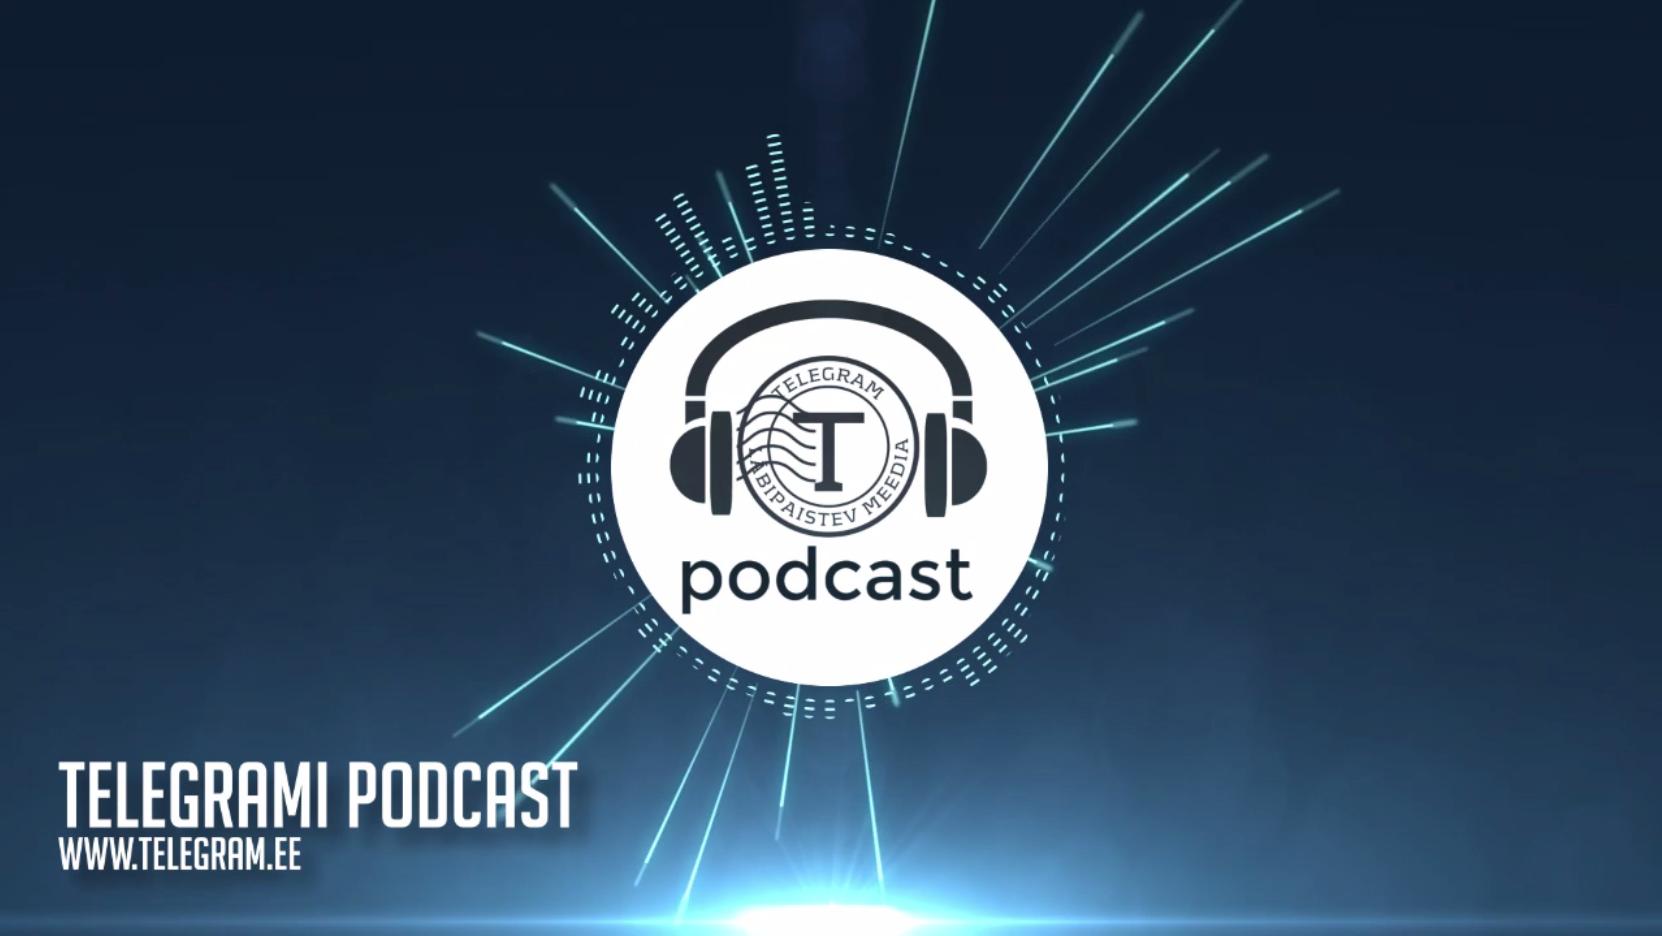 Telegrami podcast #12: Kosmos, võltsitud Cavendish, Grant Cardone, MS Estonia, vaktsiinid, kliimapettus